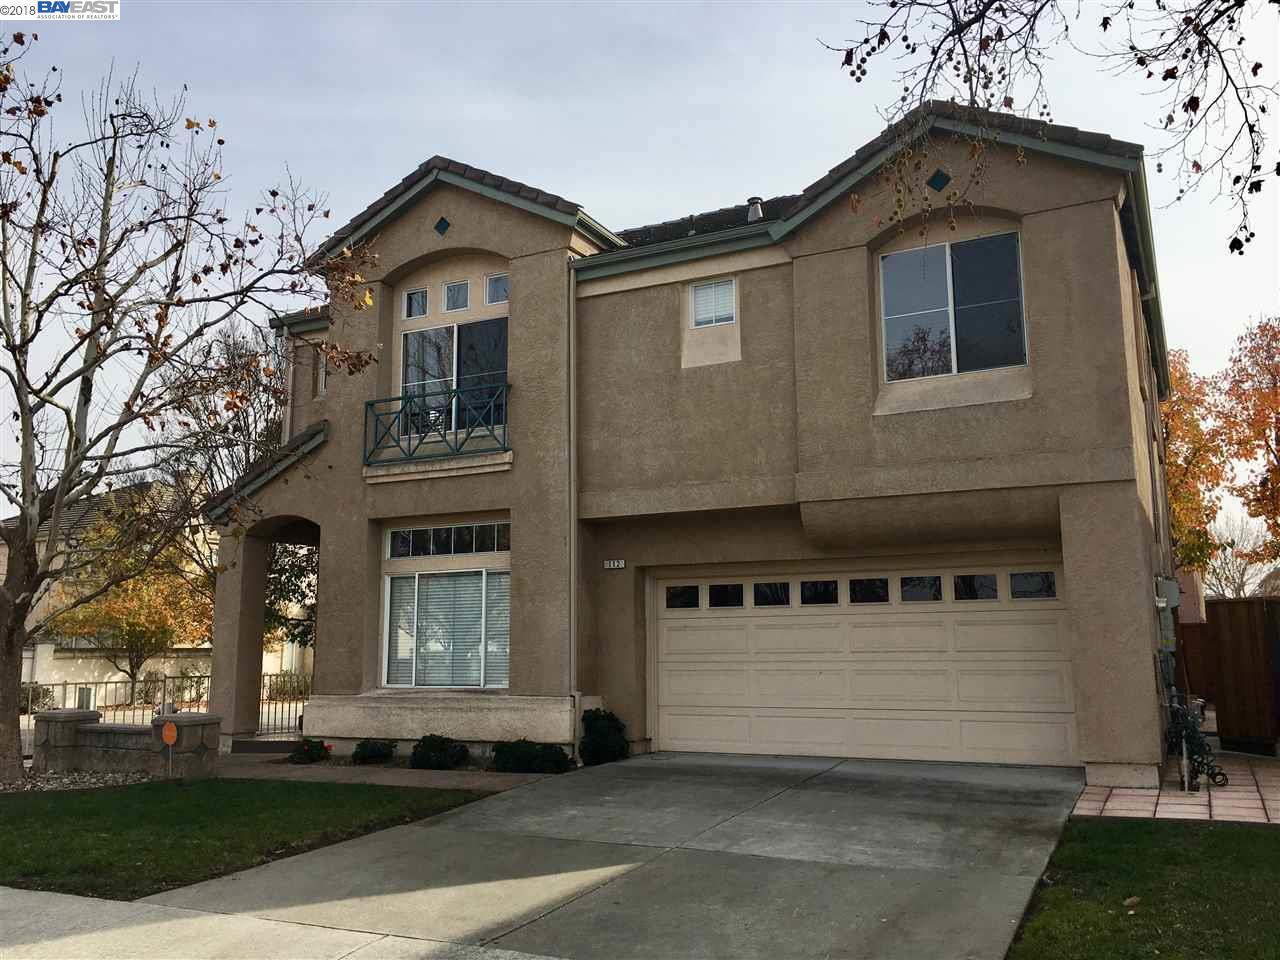 Maison unifamiliale pour l à louer à 112 TRIANA WAY 112 TRIANA WAY San Ramon, Californie 94583 États-Unis